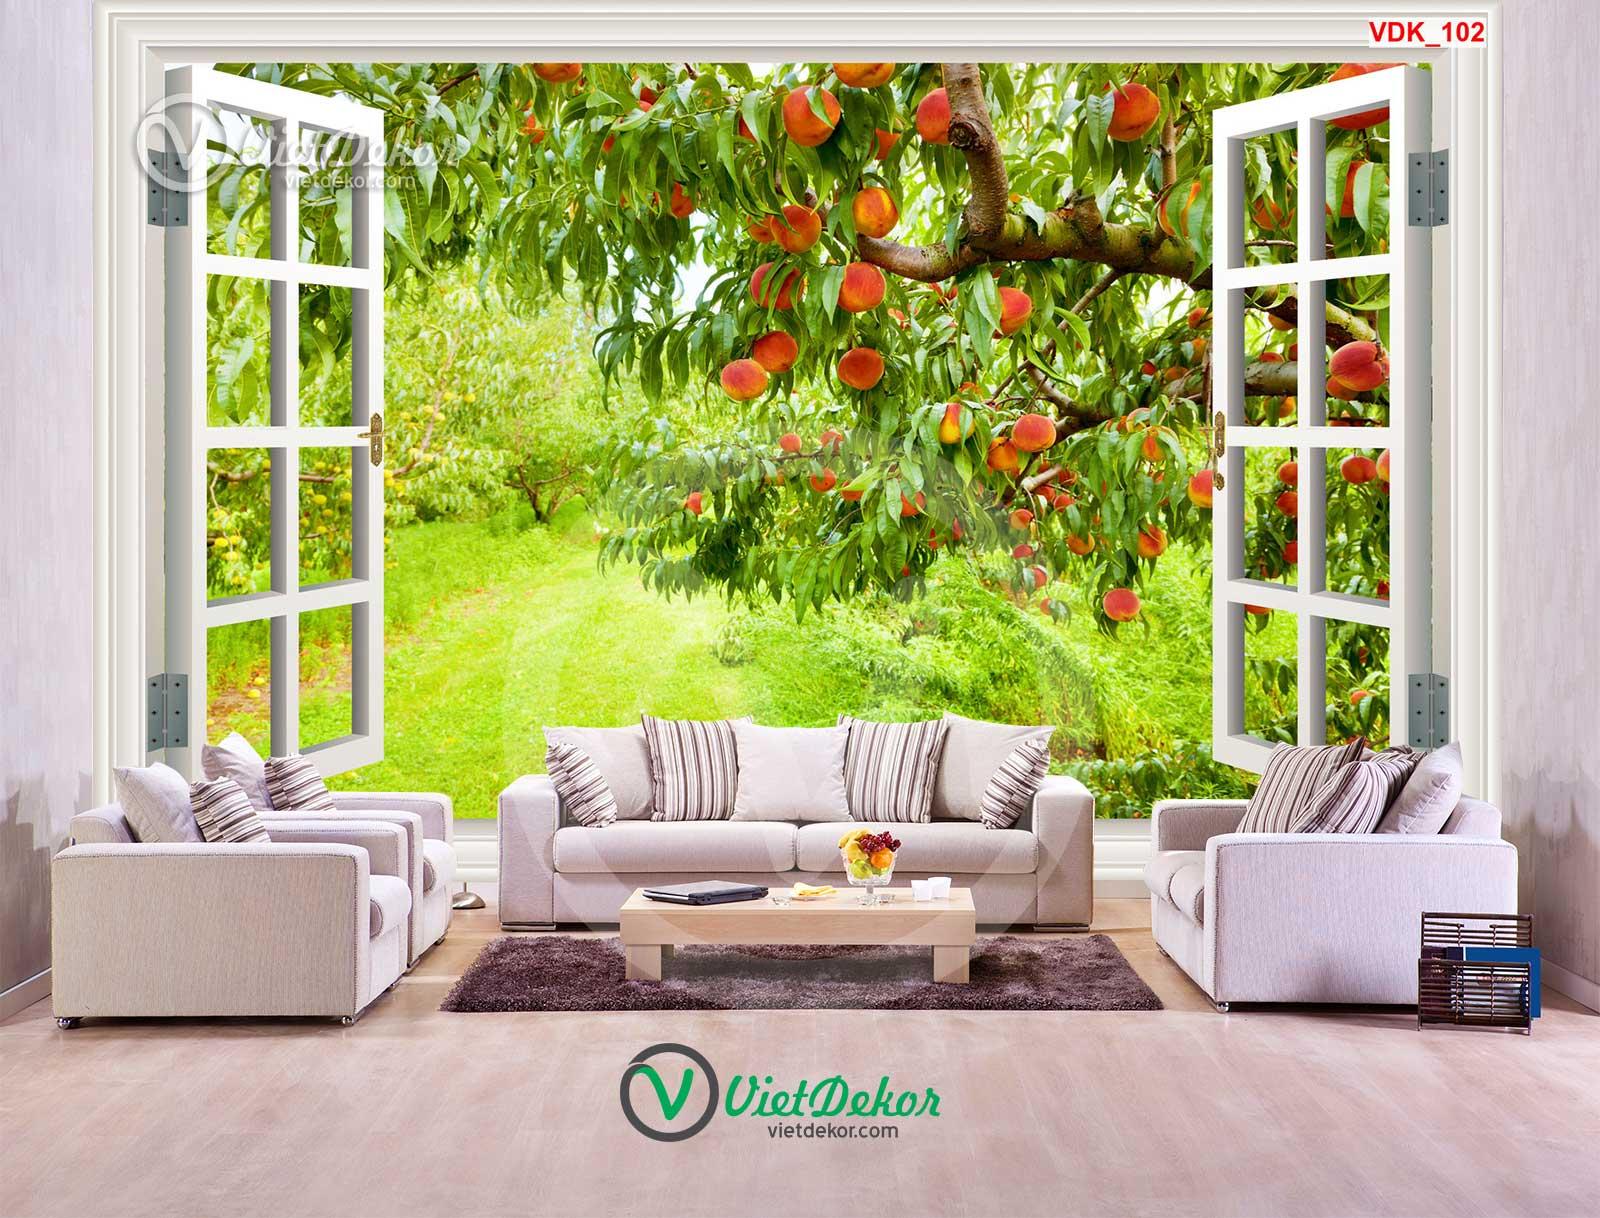 Tranh dán tường 3d cửa sổ rừng trái cây đẹp